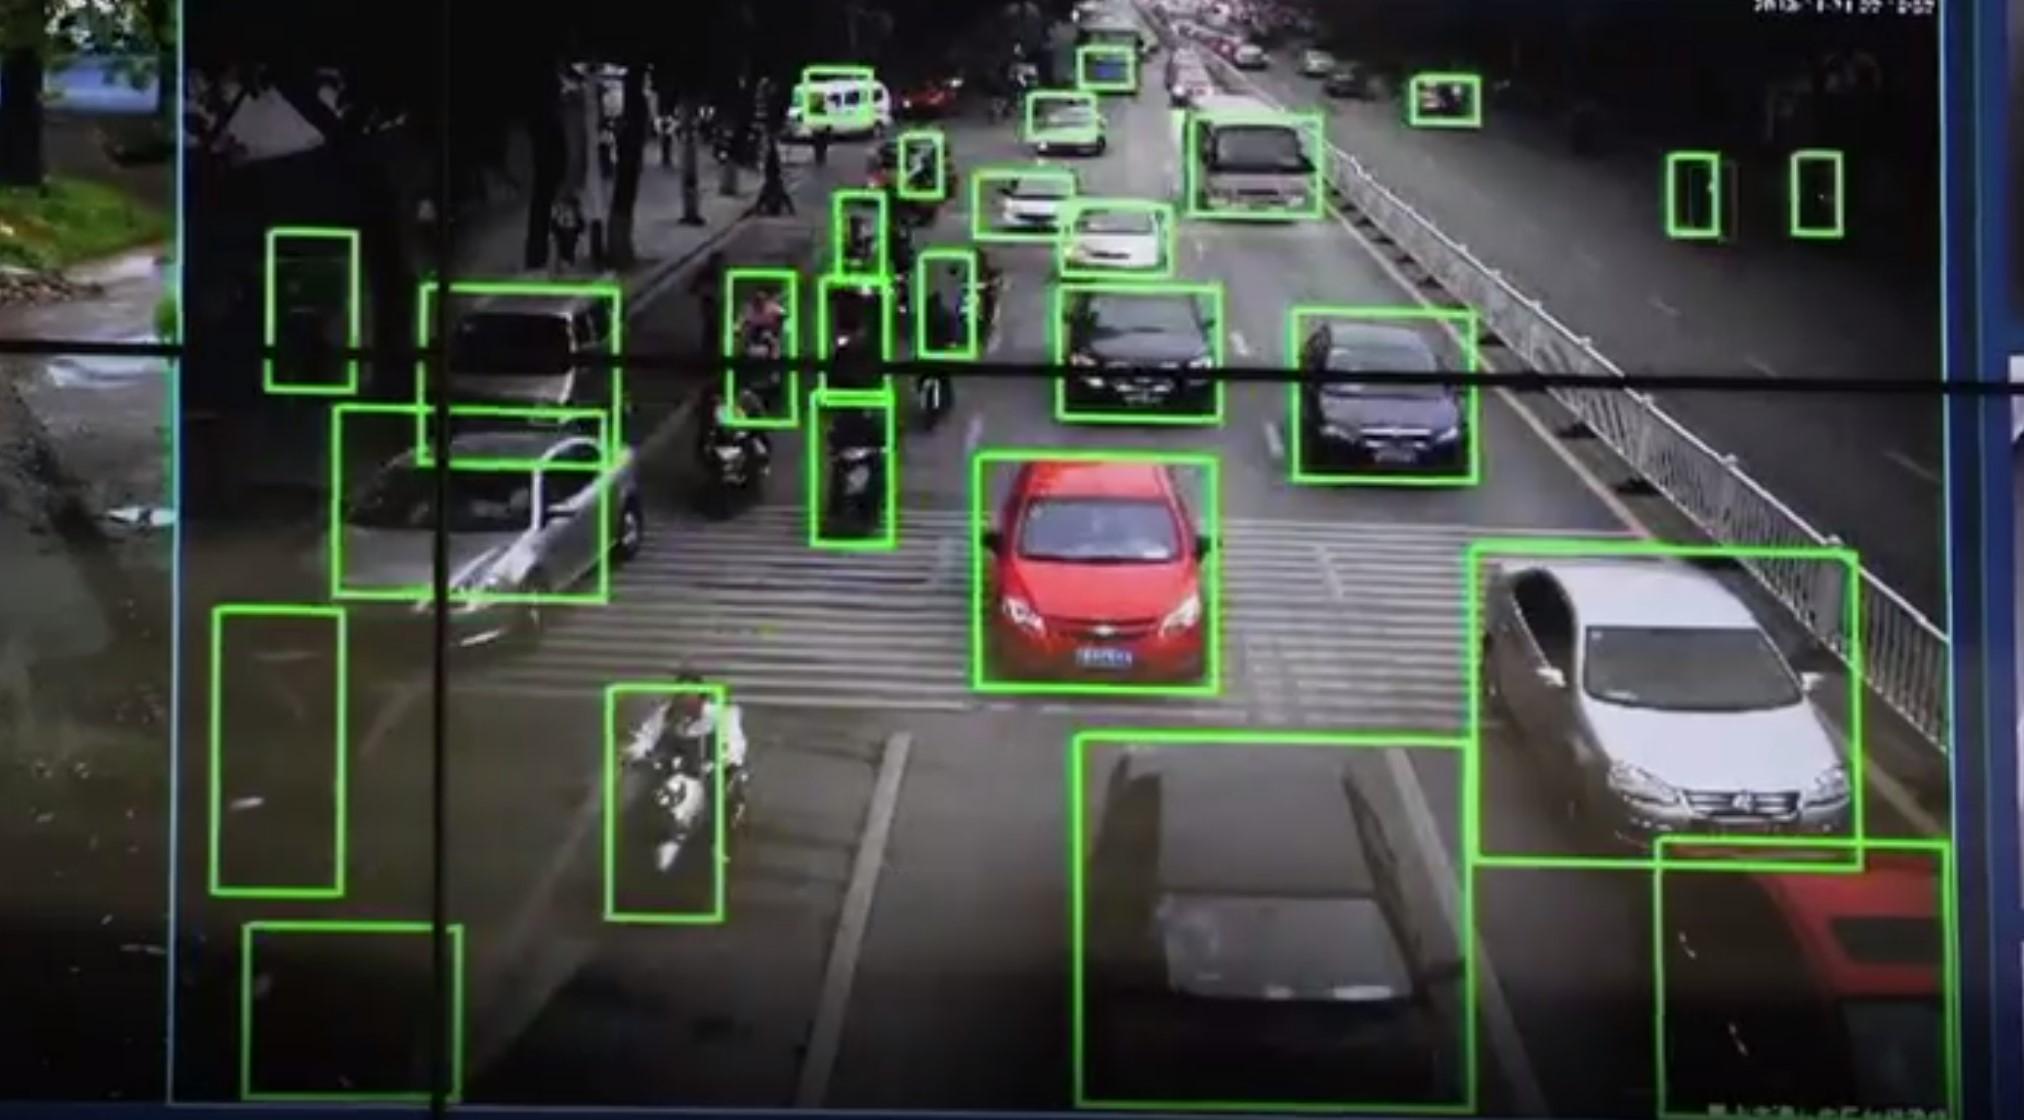 Распознавание автомобилей на фотографии